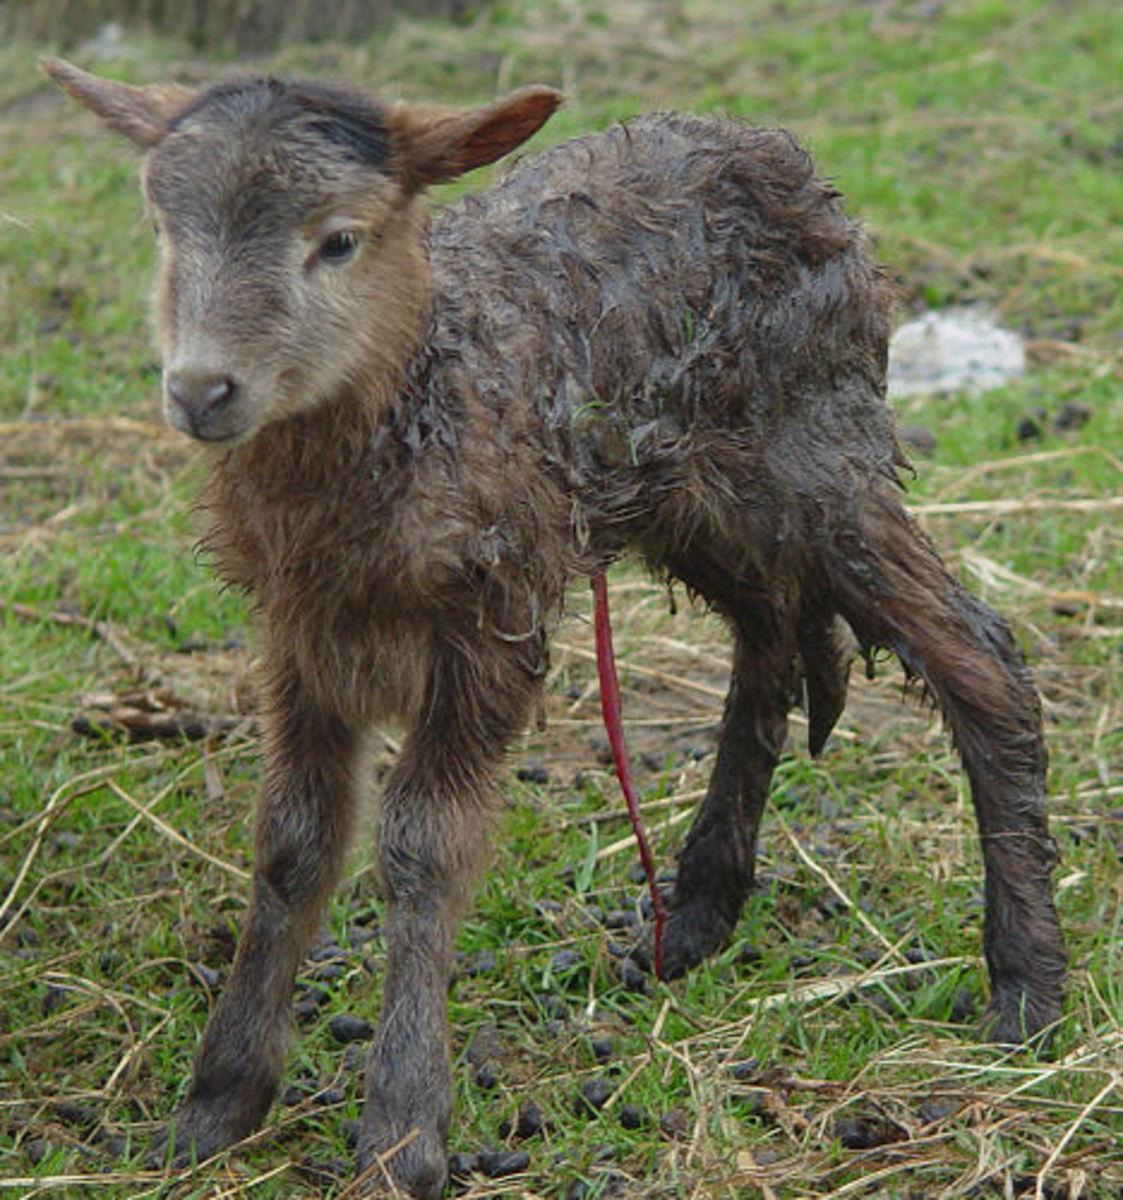 Beautiful lamb in a greyish/brown color